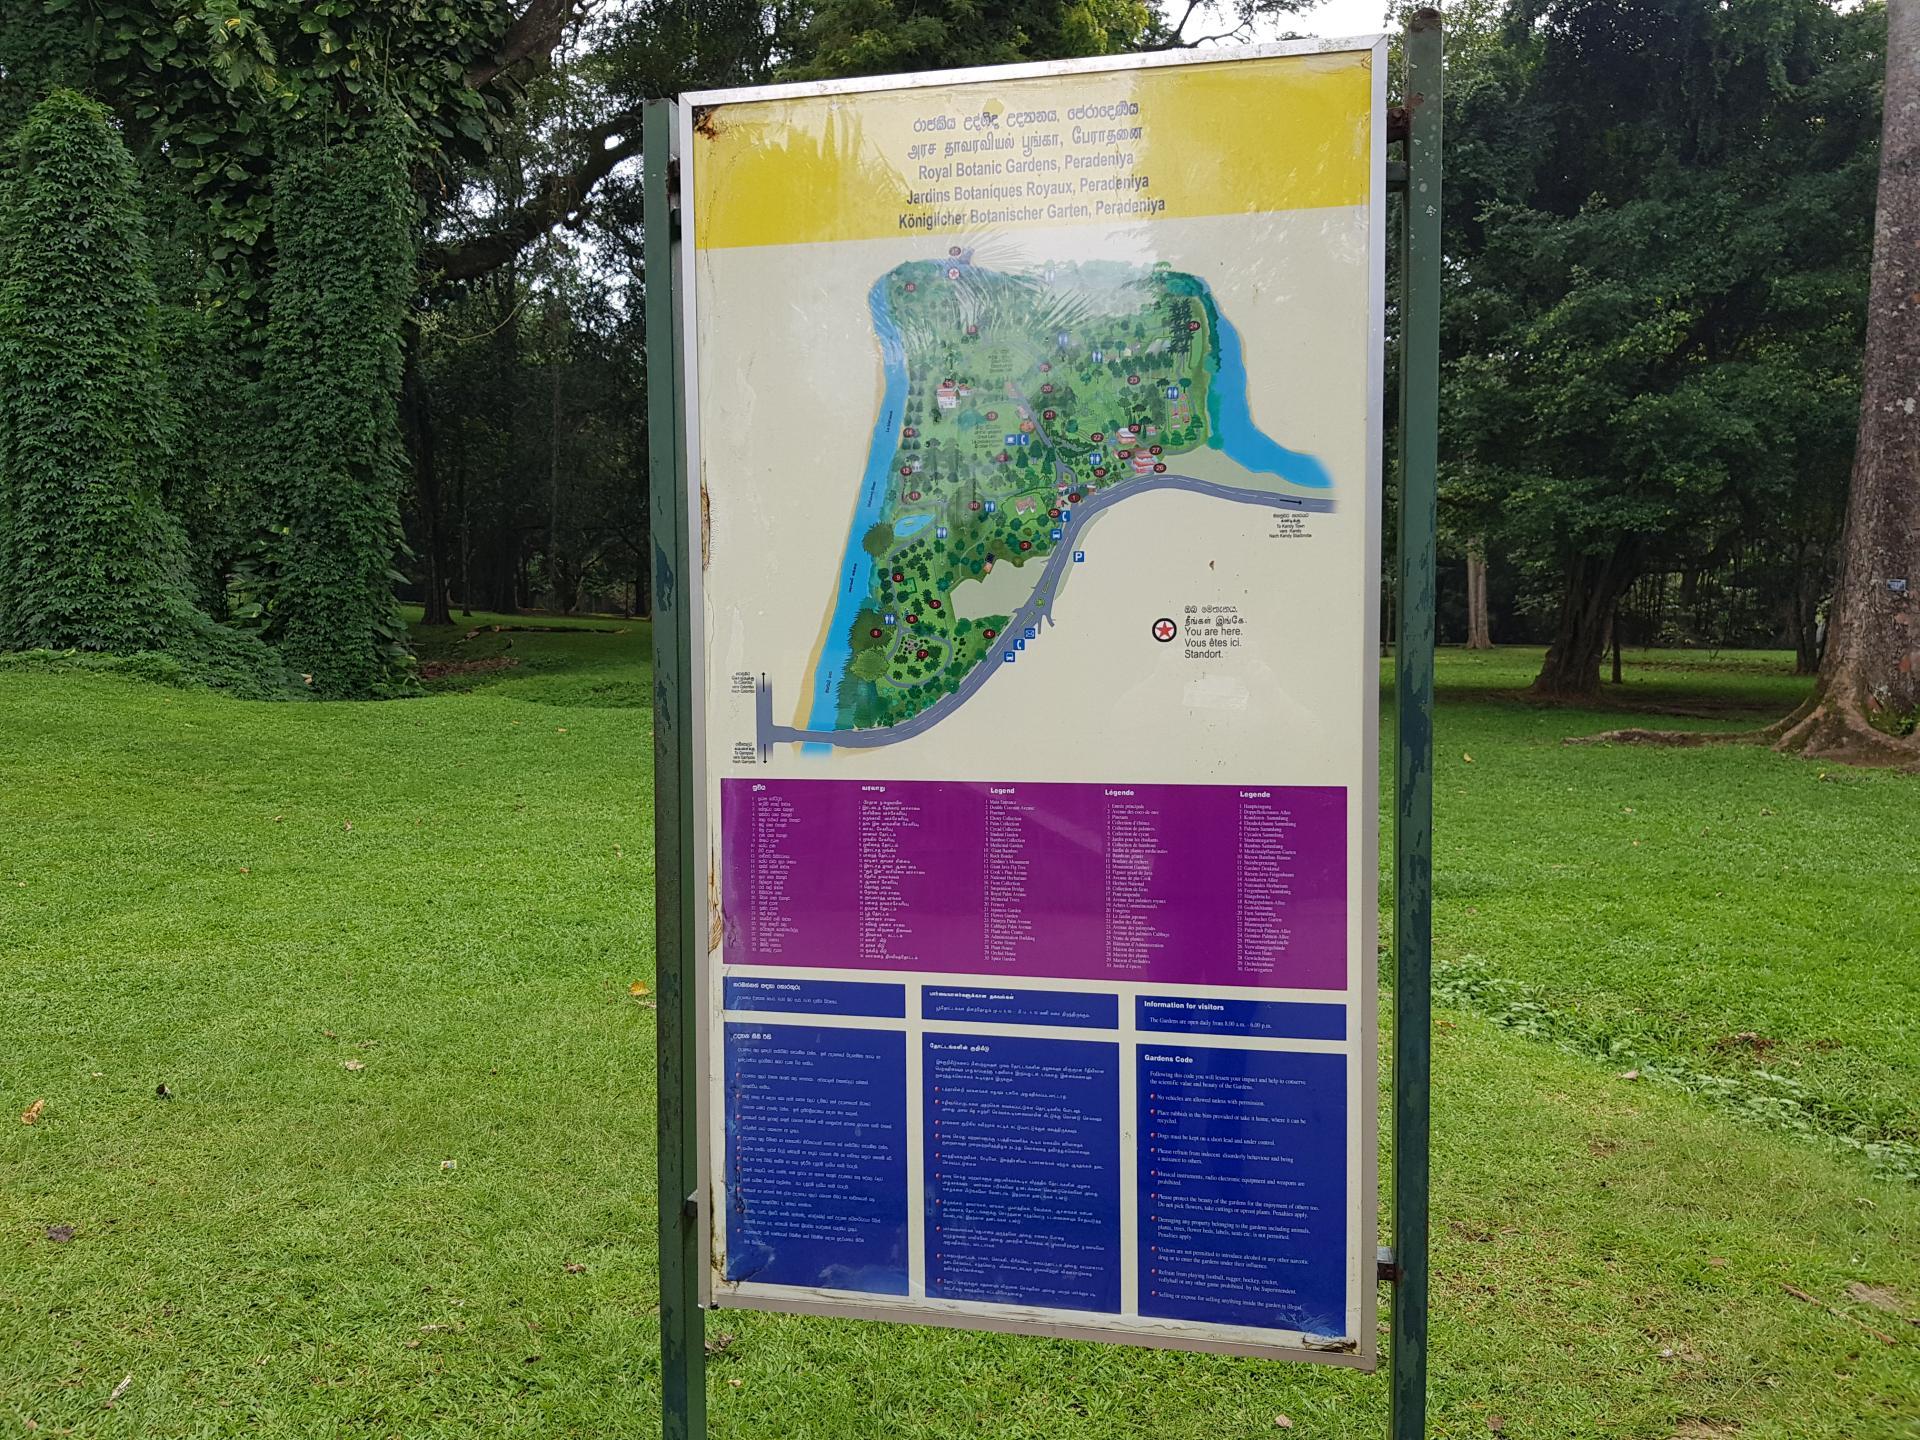 Щит-указатель в Ботаническом саду Канди, Шри-Ланка